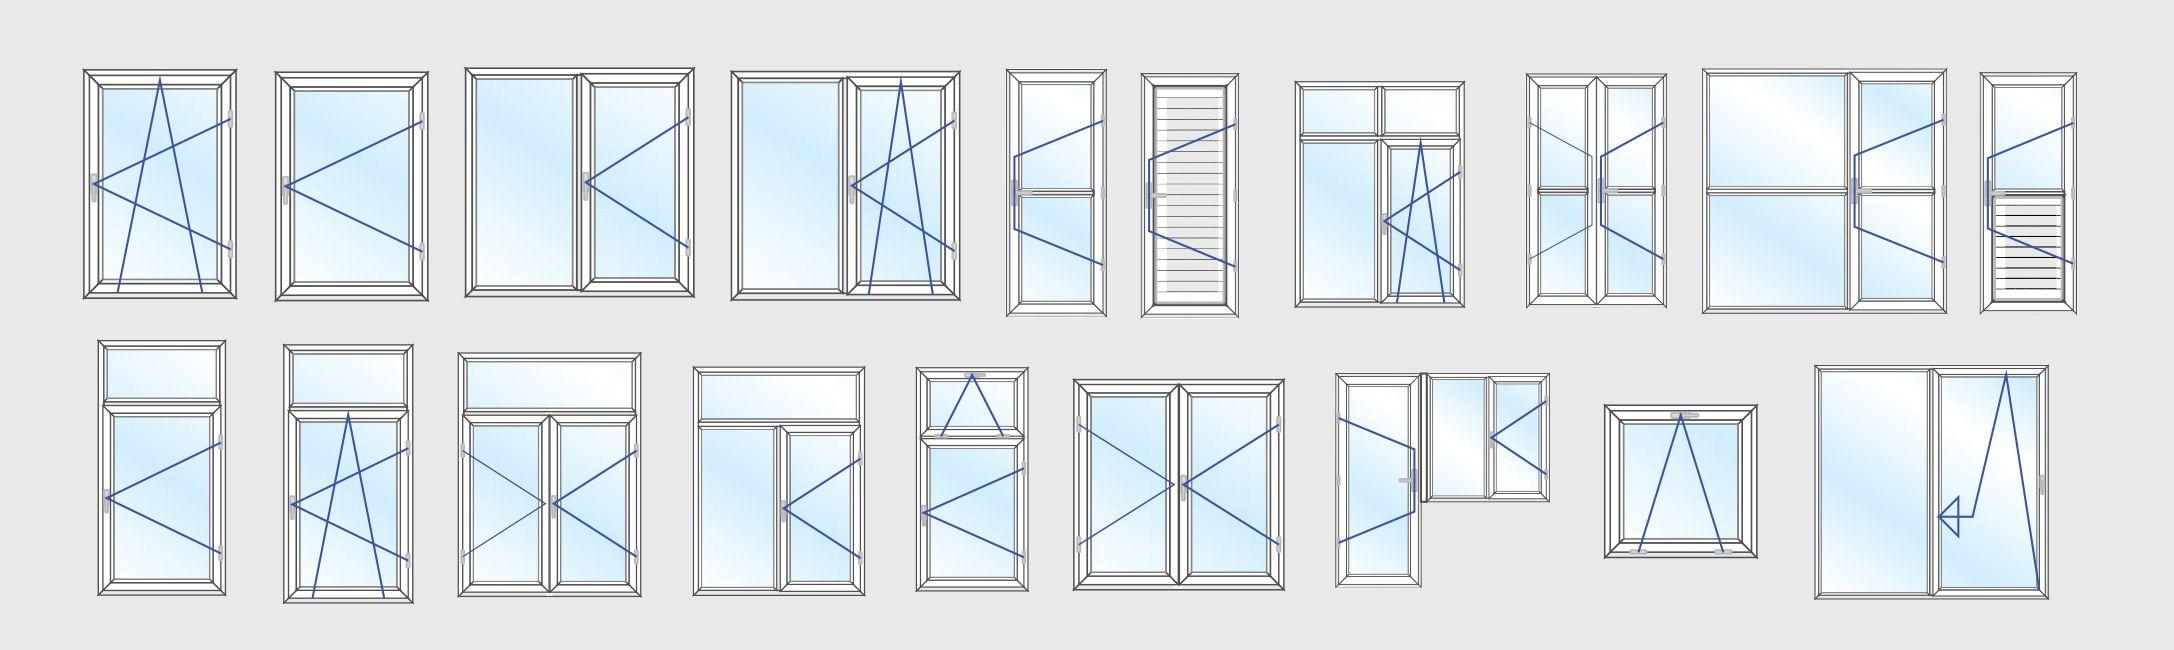 پنجره ترمال بریک